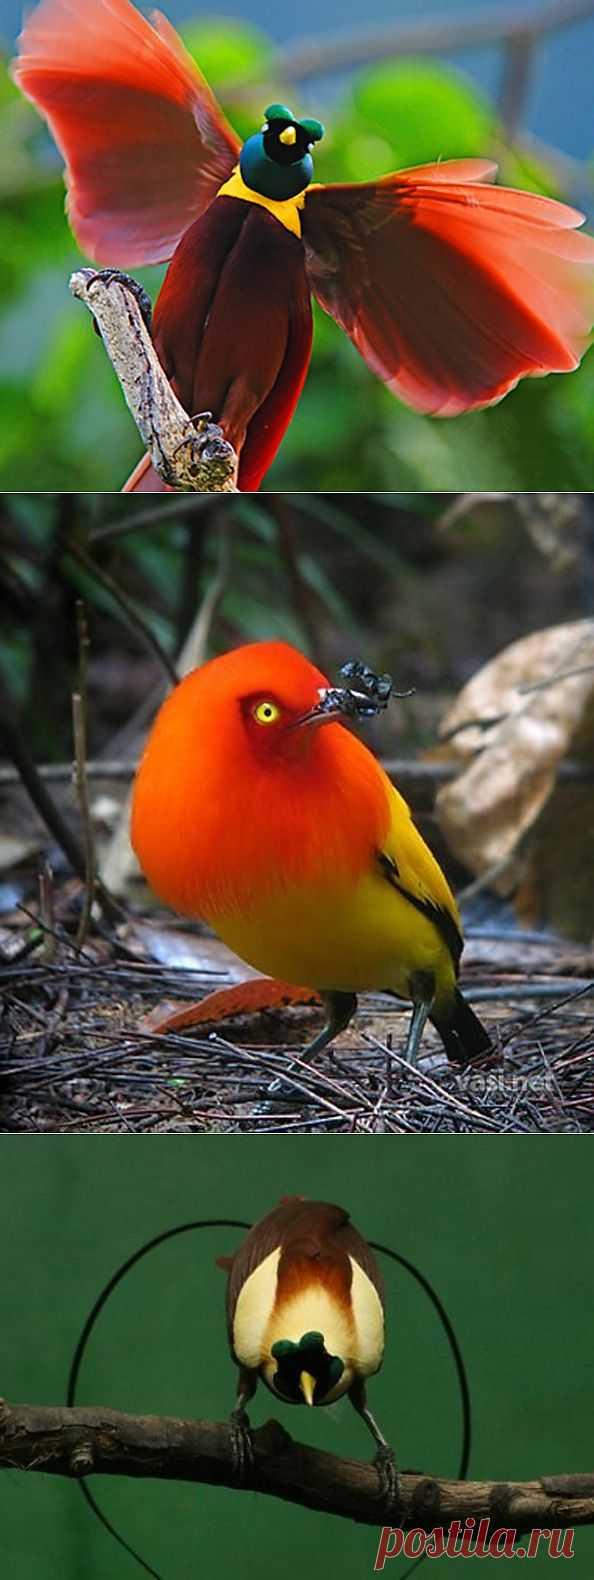 Райские птички - Фото - Калейдоскоп Эмоций